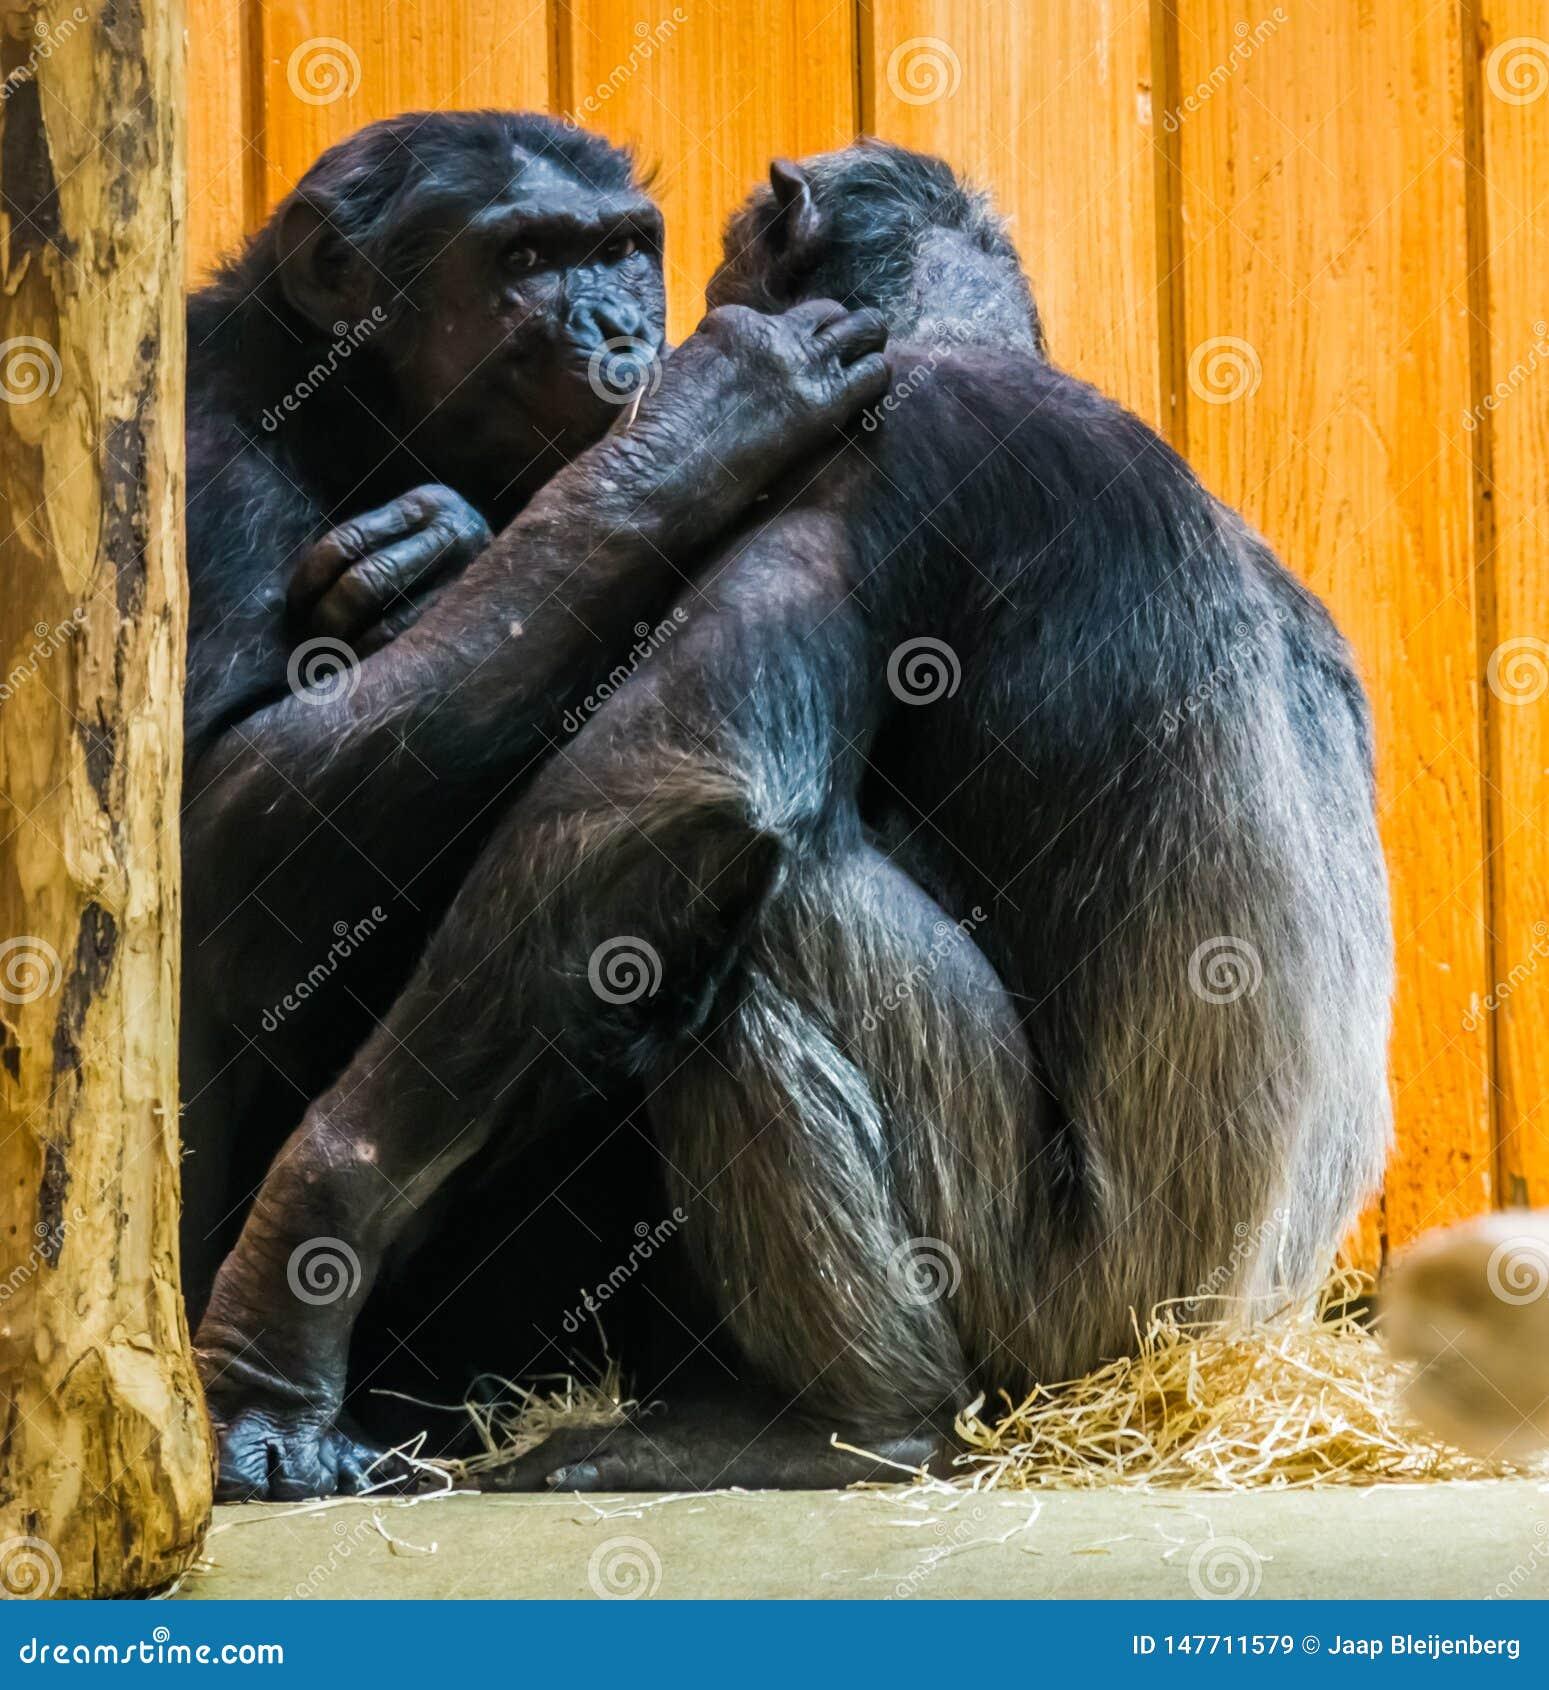 Le couple commun de chimpanzé étant très intime ensemble, imite exprimer l amour entre eux, comportement de primat